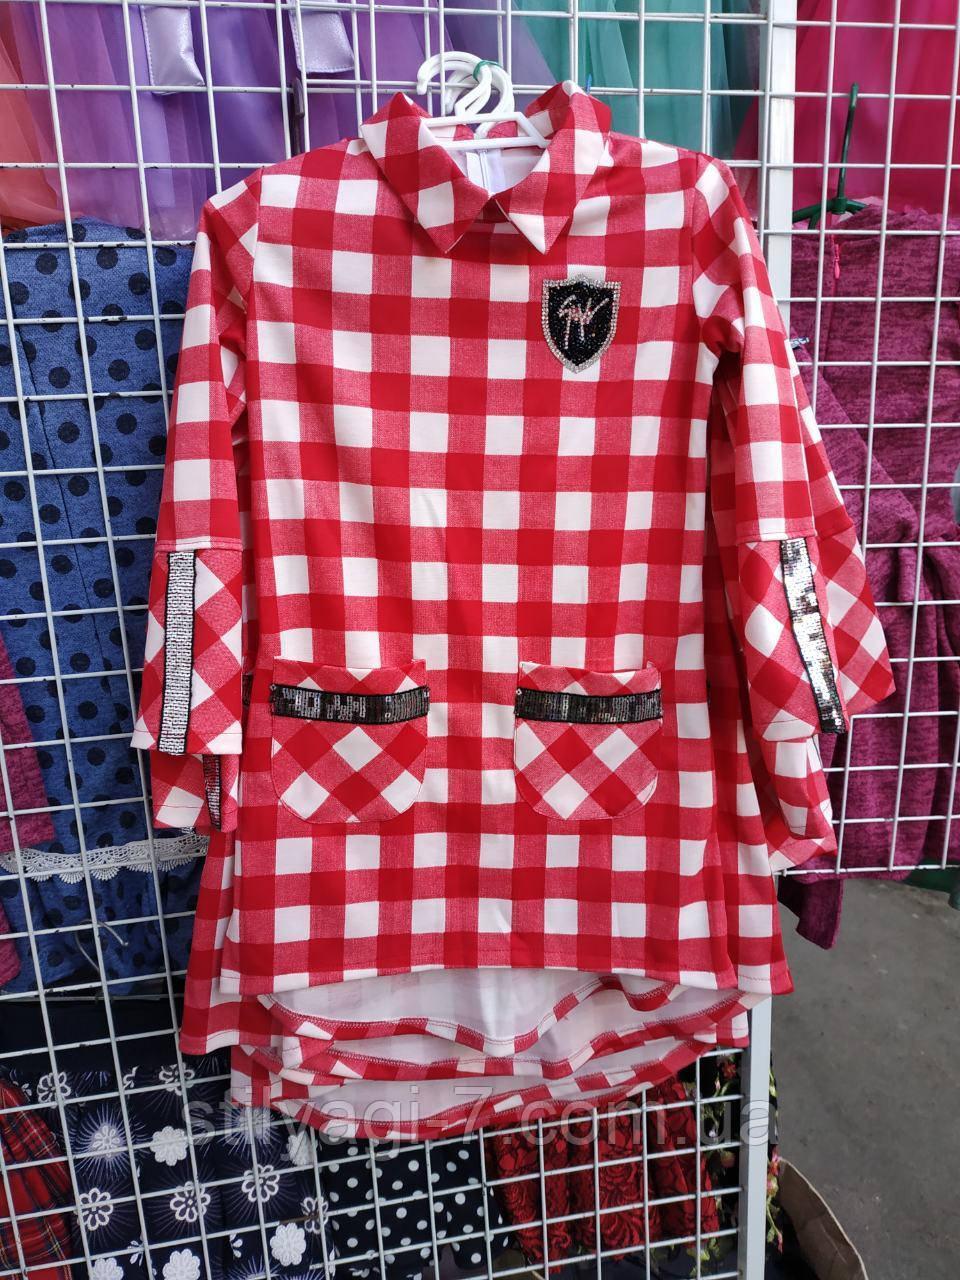 Рубашка удлиненная для девочки подростка 8-12 лет красного, синего цвета в клетку с карманами оптом